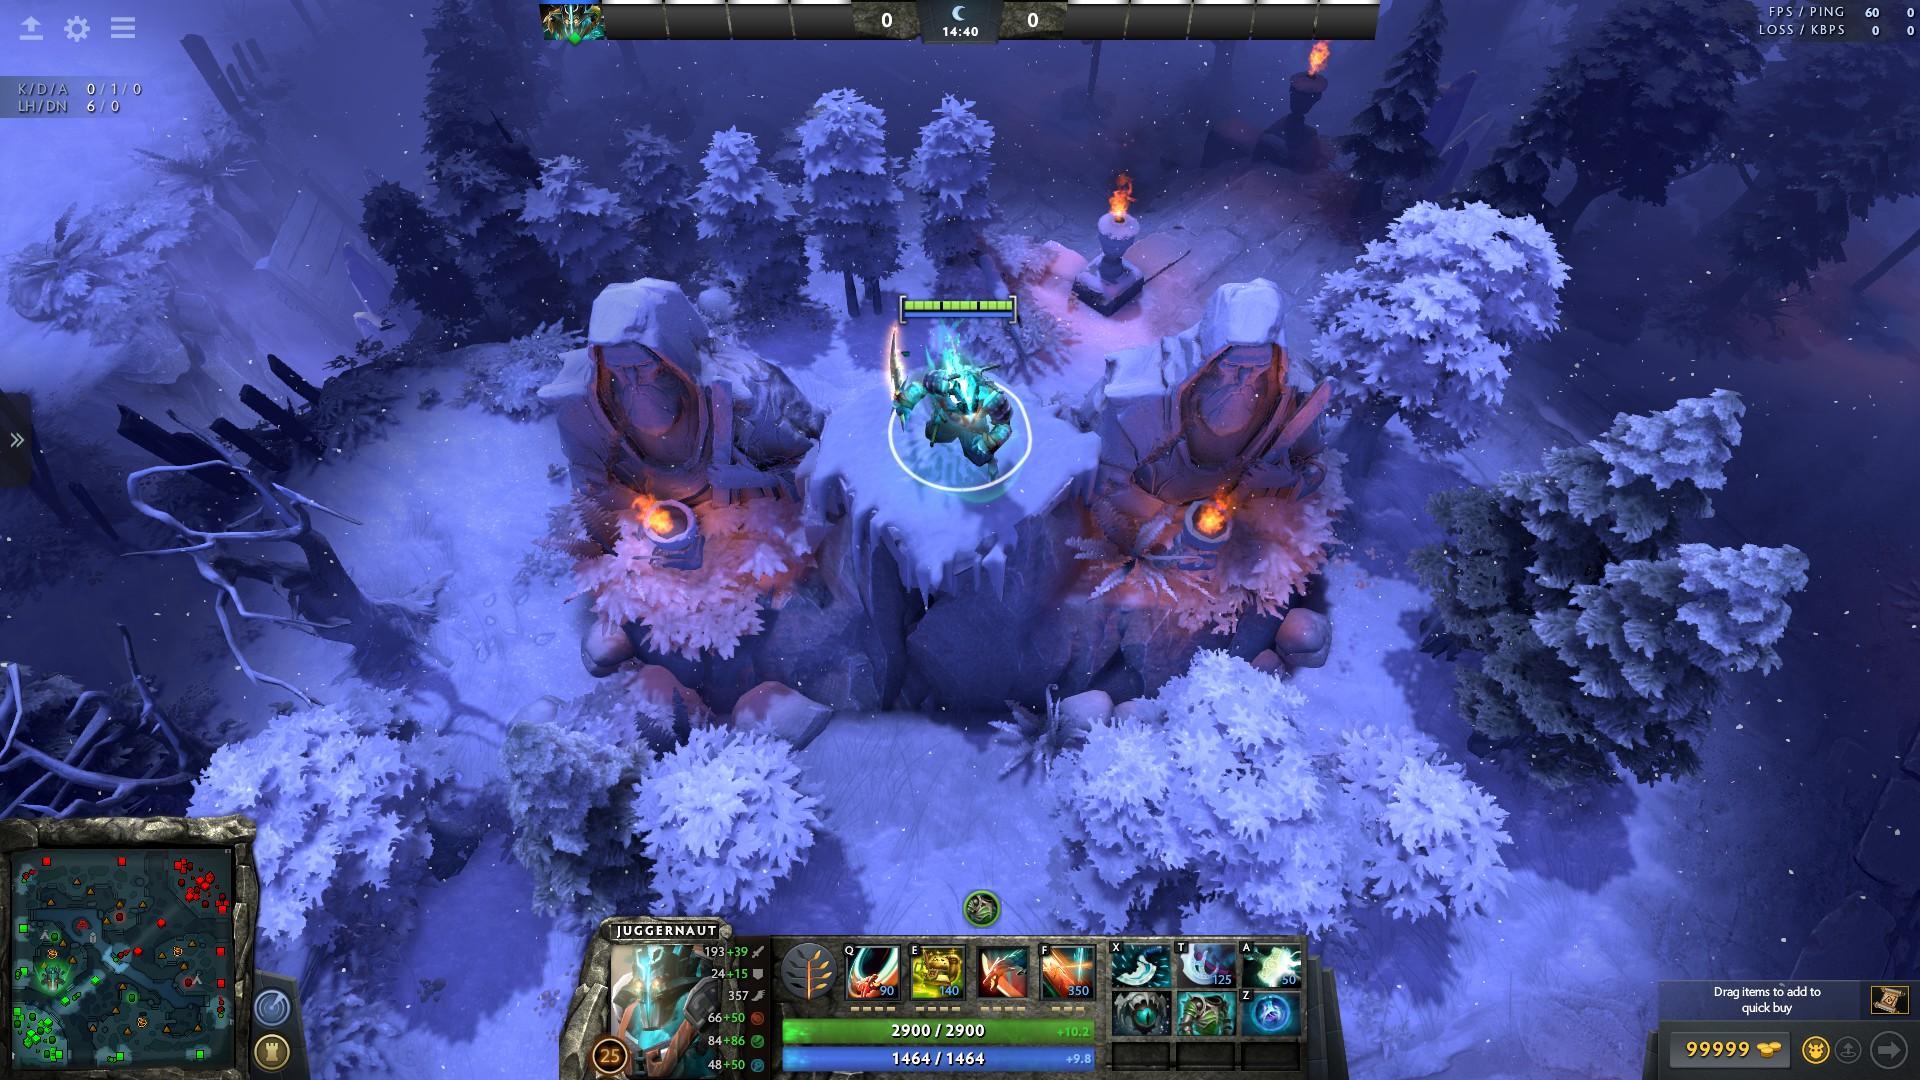 steam community screenshot juggernaut